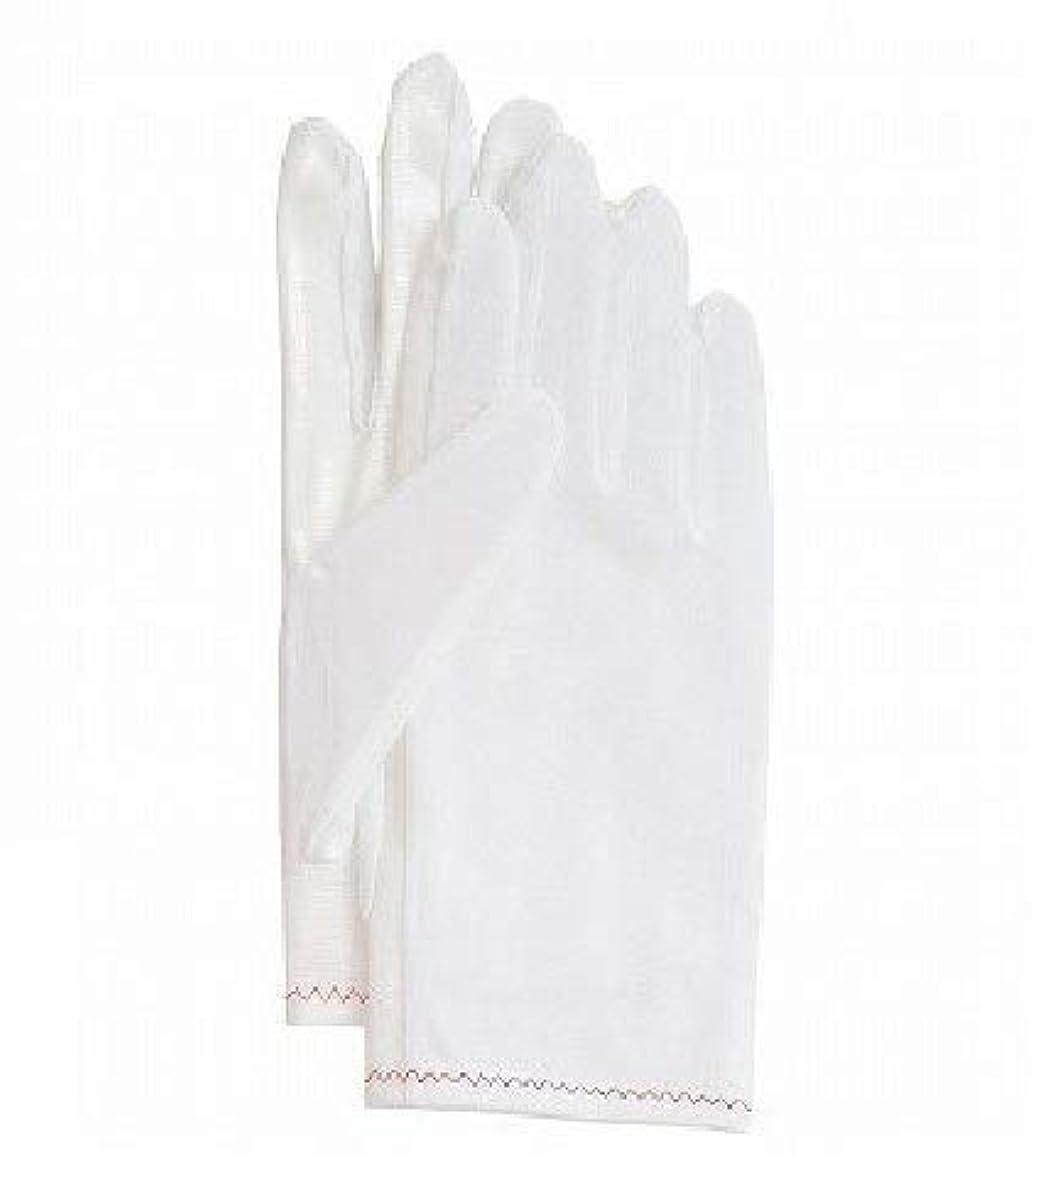 精査ミュート復活させる214127 おたふく手袋 (H)#54V ポリペット ハーフ10双組×10 214127M